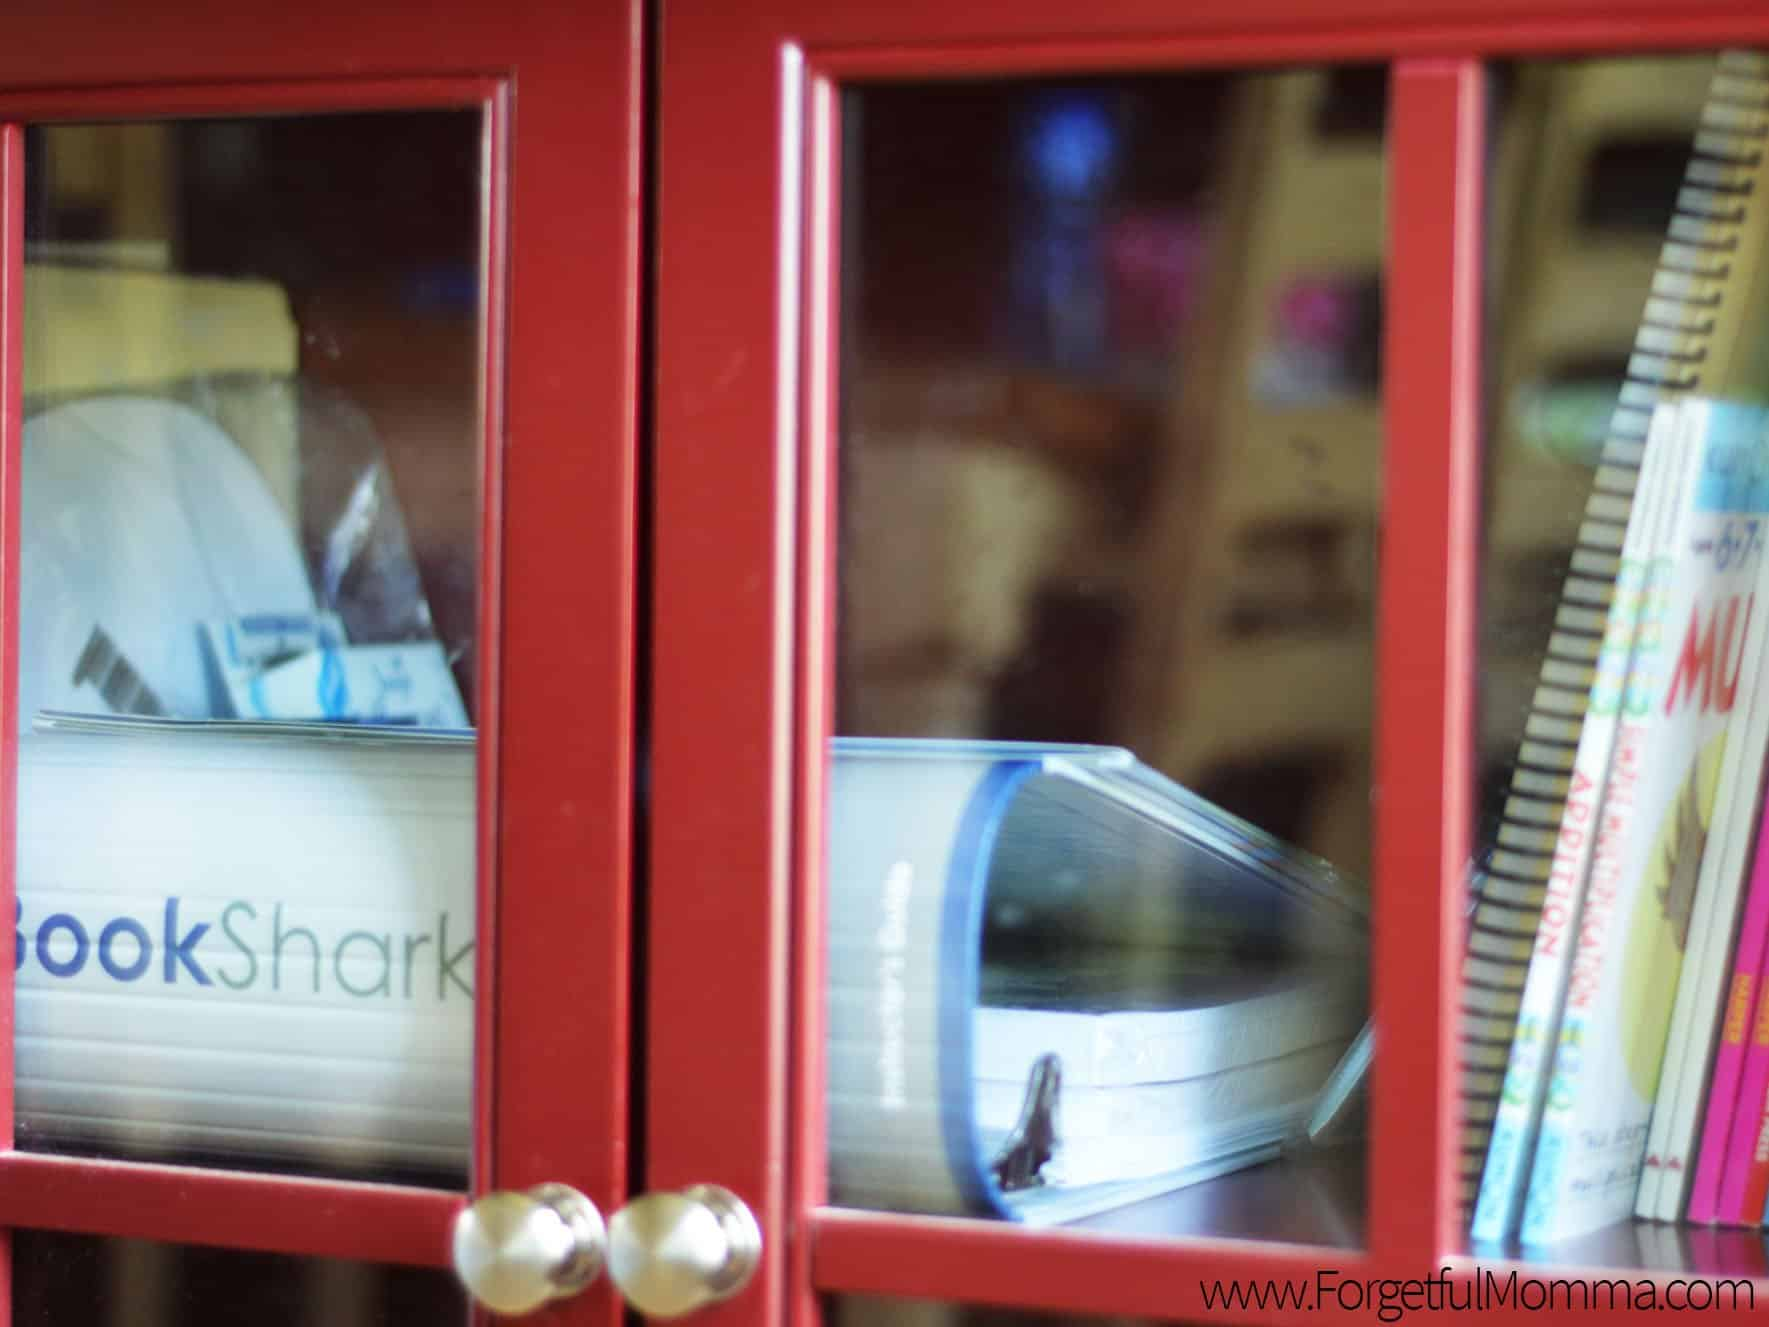 Storage - BookShark Binder - No Homeschool Room